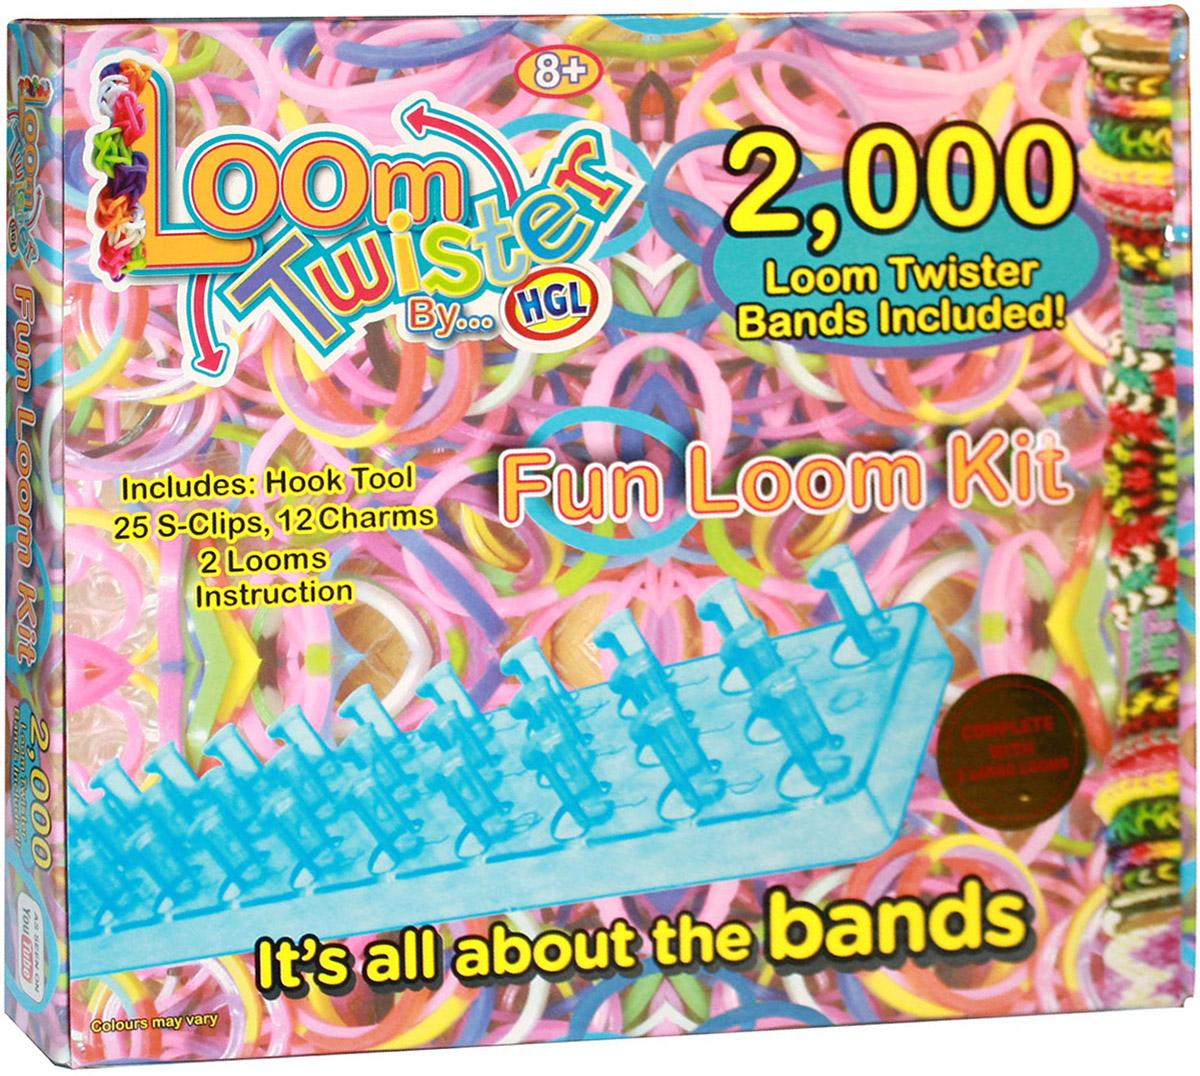 Loom Twister Набор для плетения SV11755 набор цветных резинок для плетения фенечек loom twister sv11617